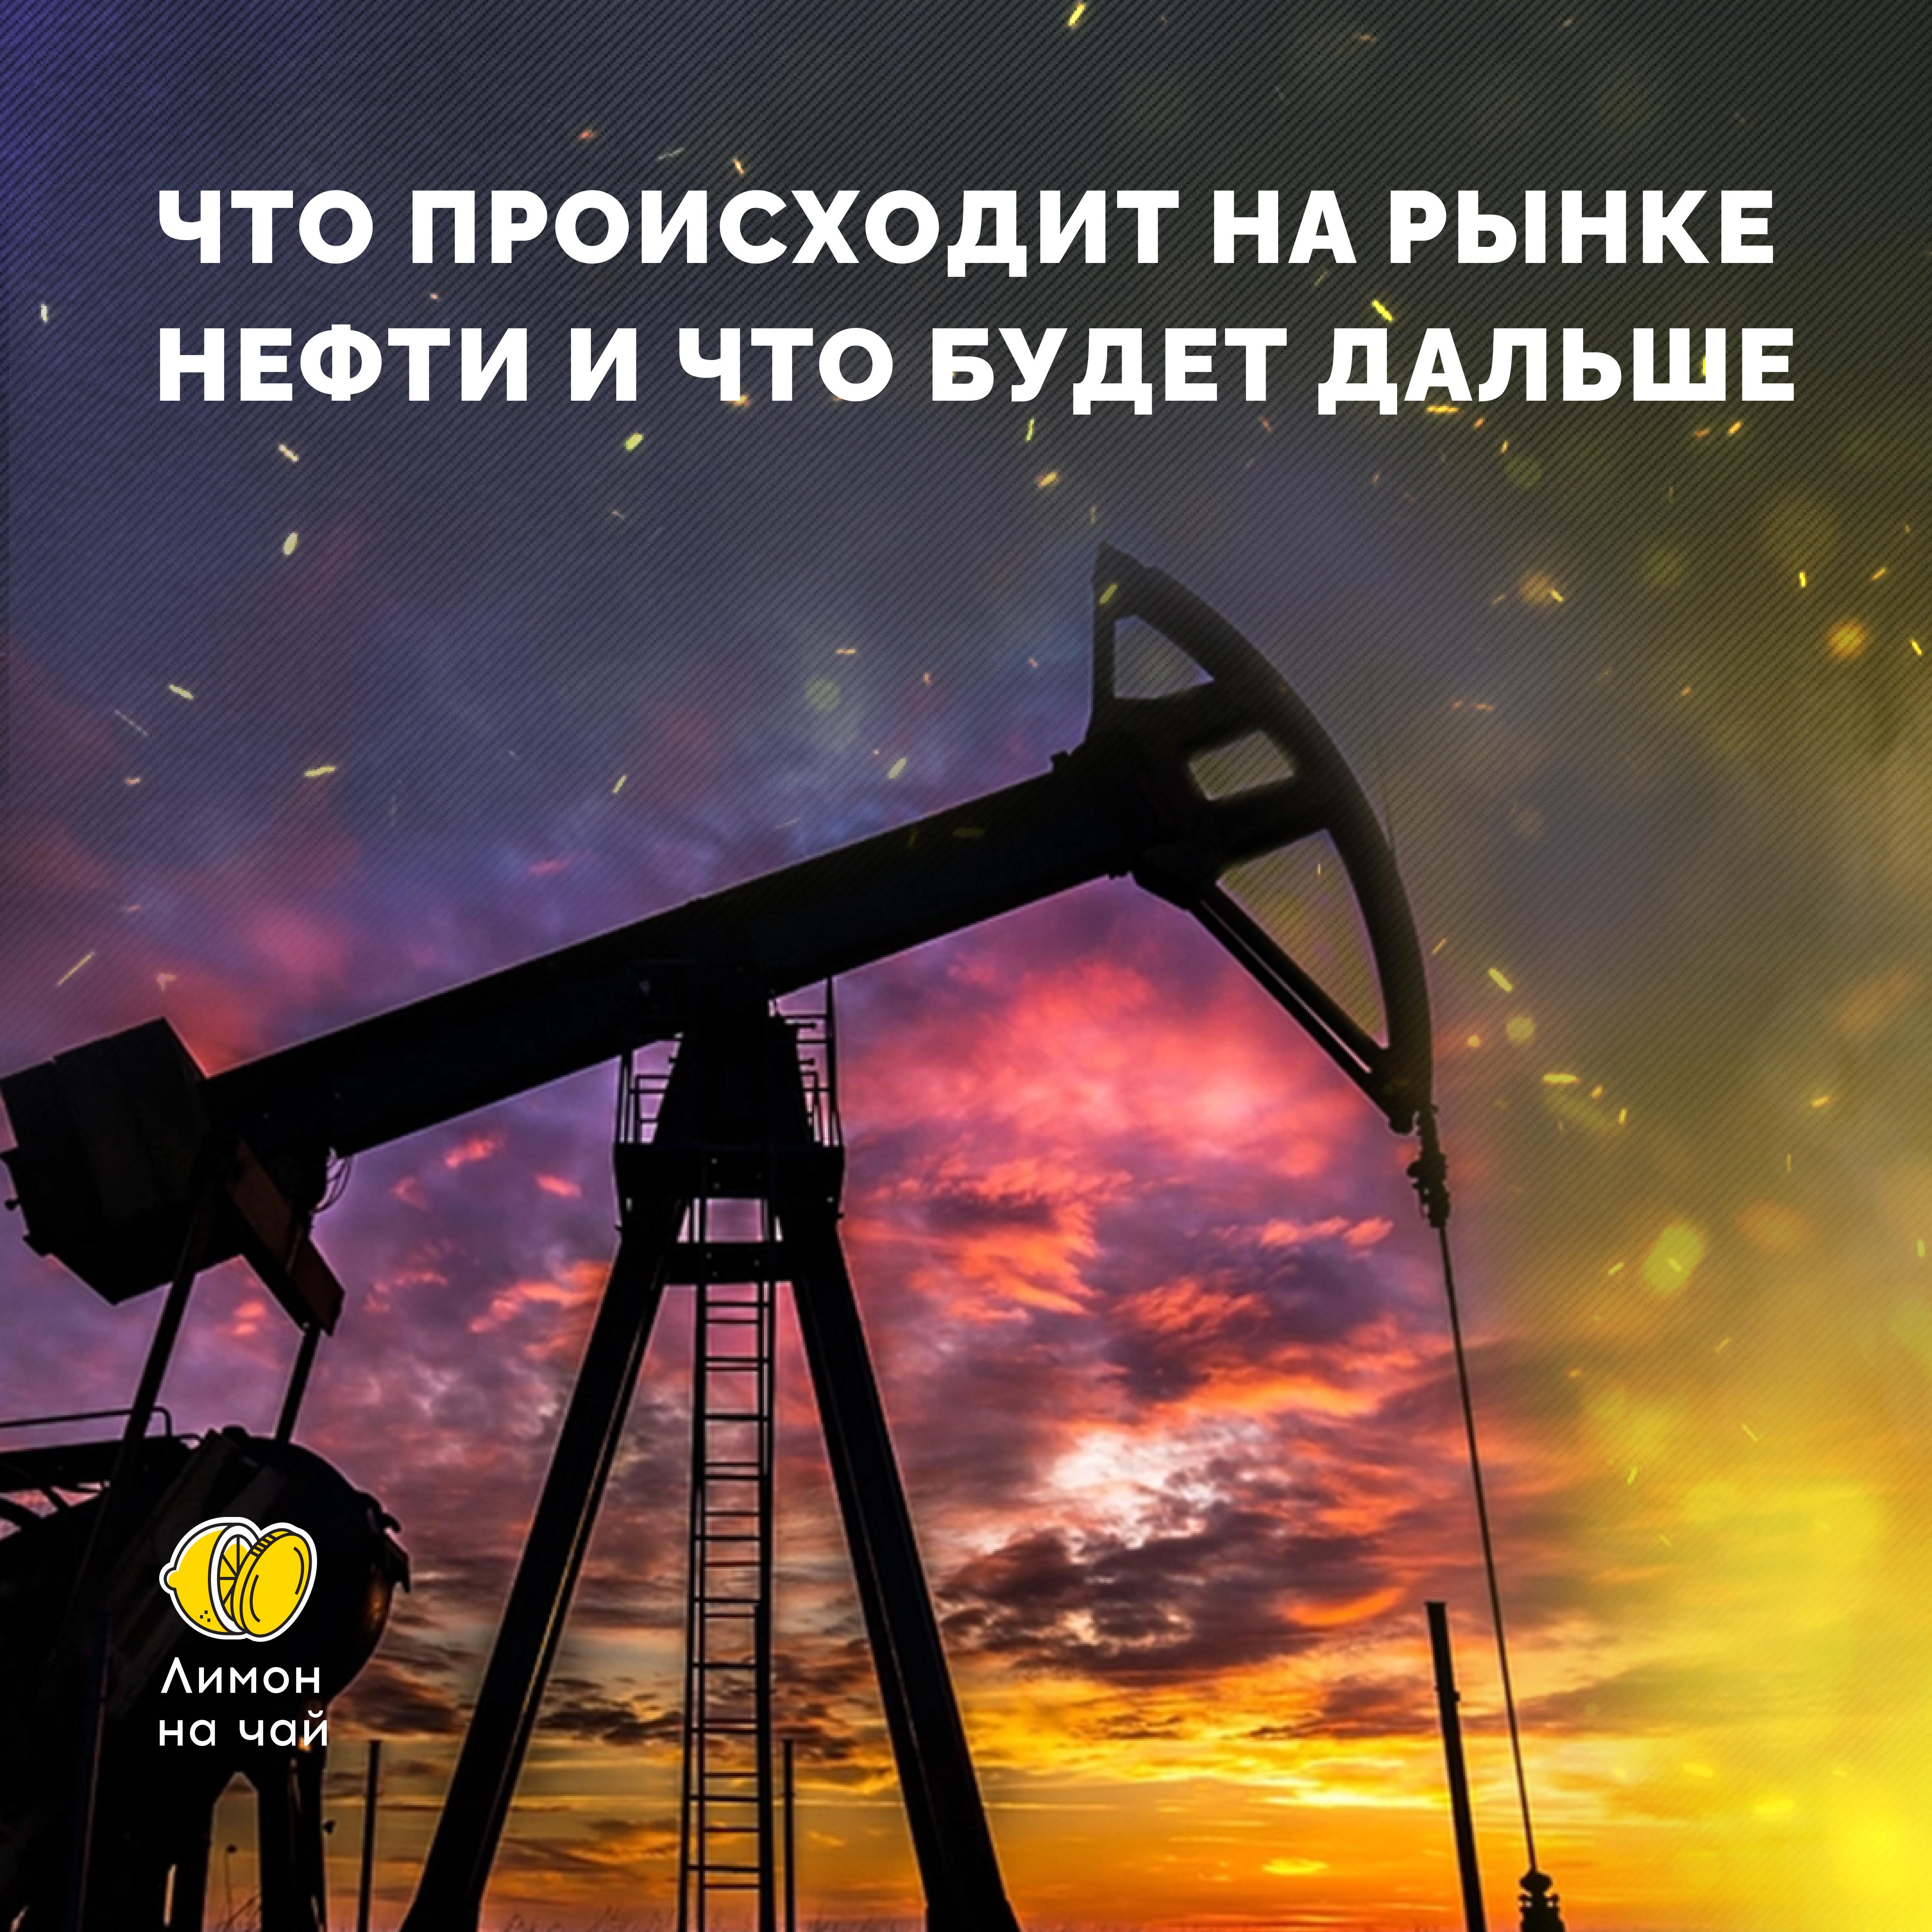 То +30%, то -18%. Нефть, с тобой всё в порядке?